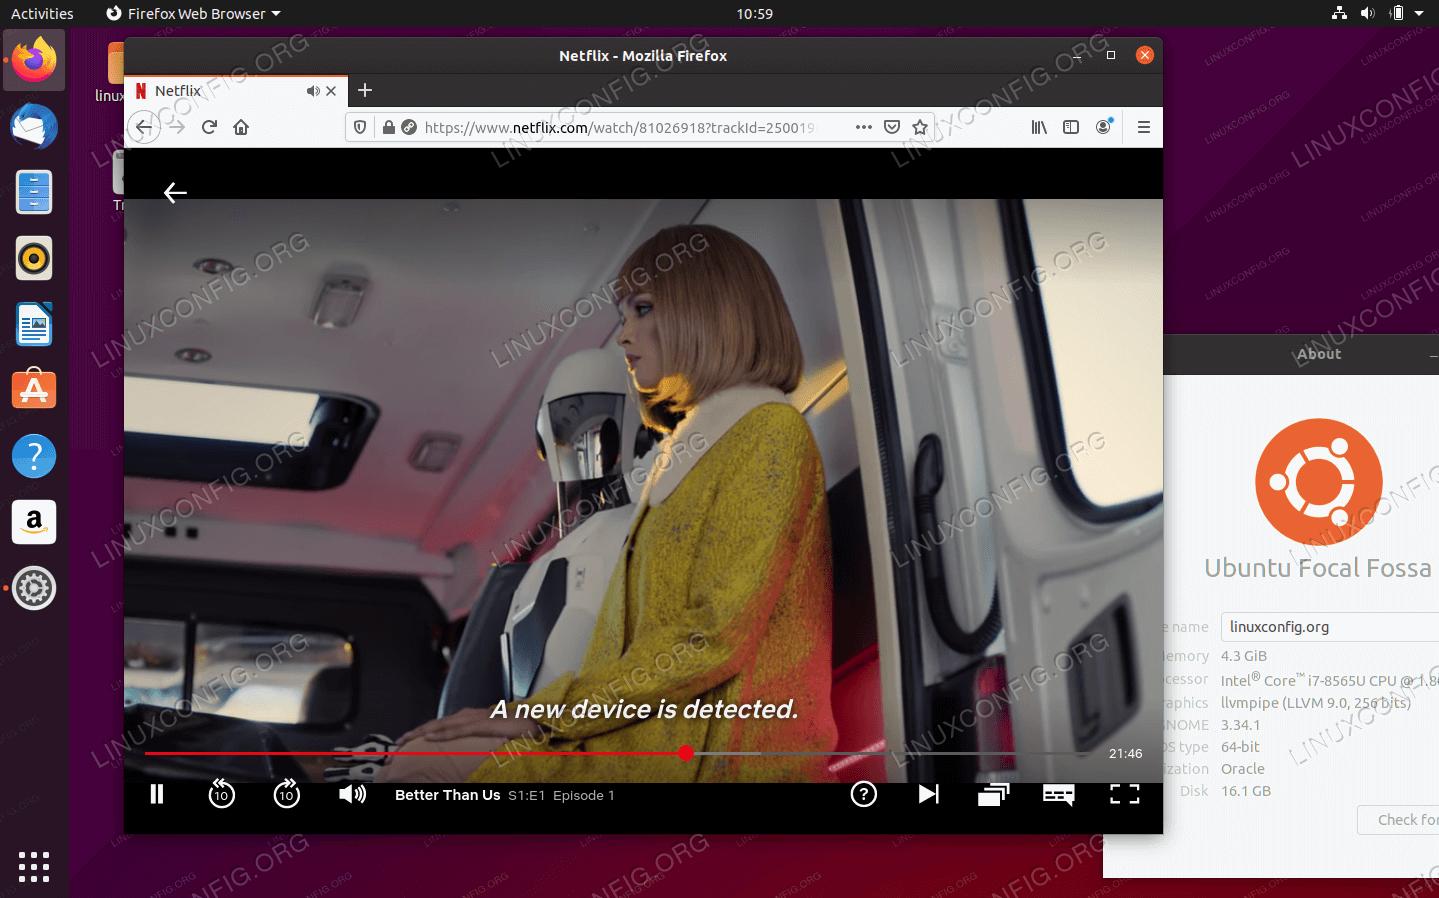 Watching Netflix on Ubuntu 20.04